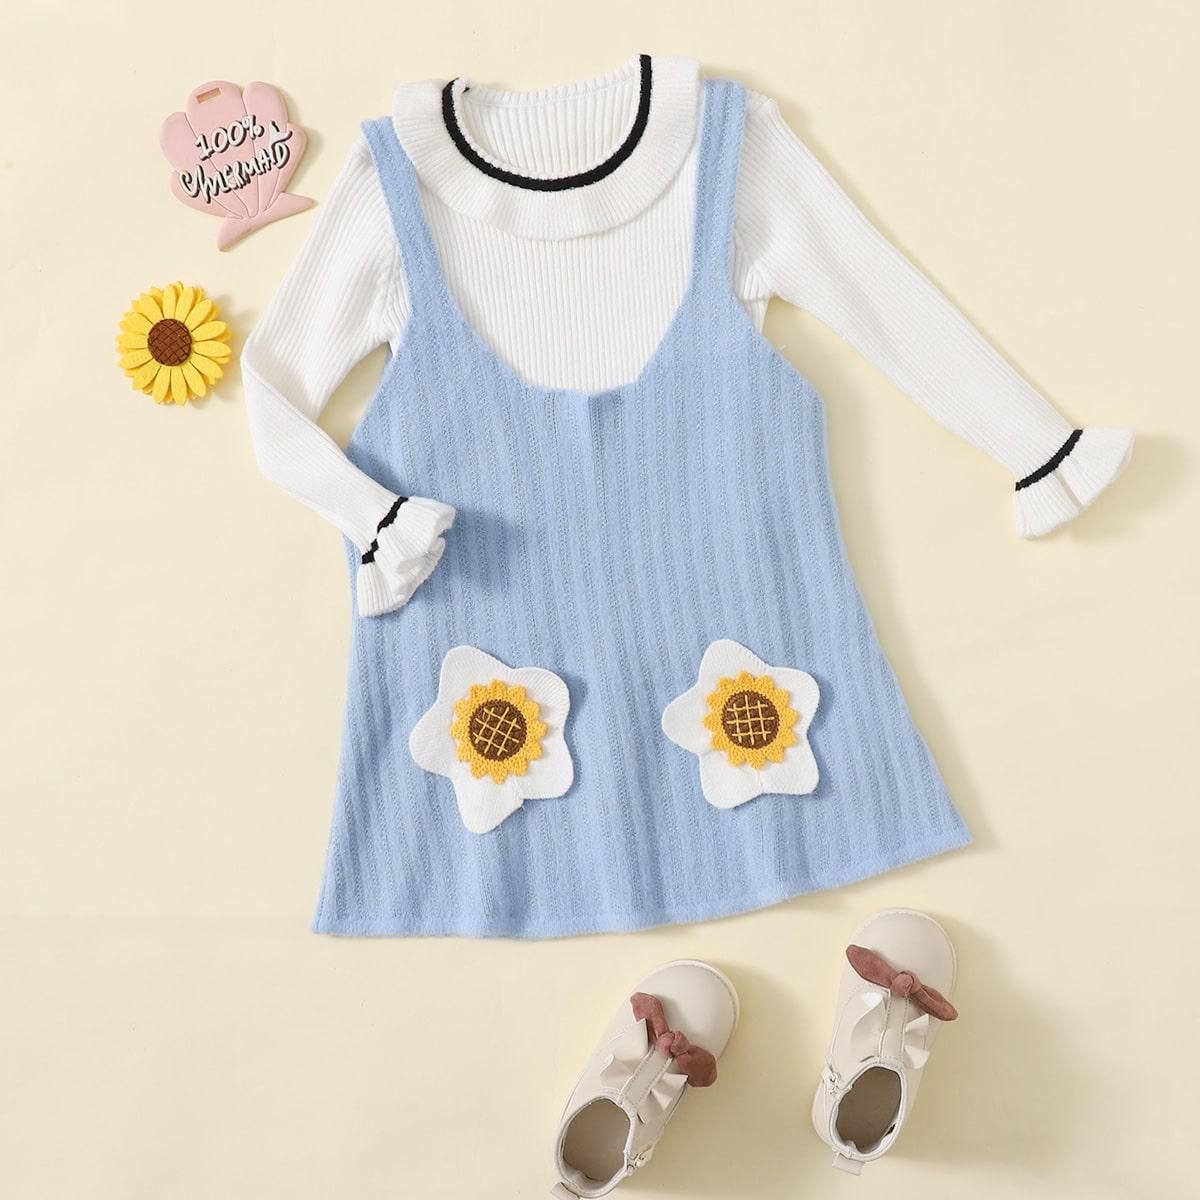 С оборками со цветочками милый трикотажные комплекты для девочек